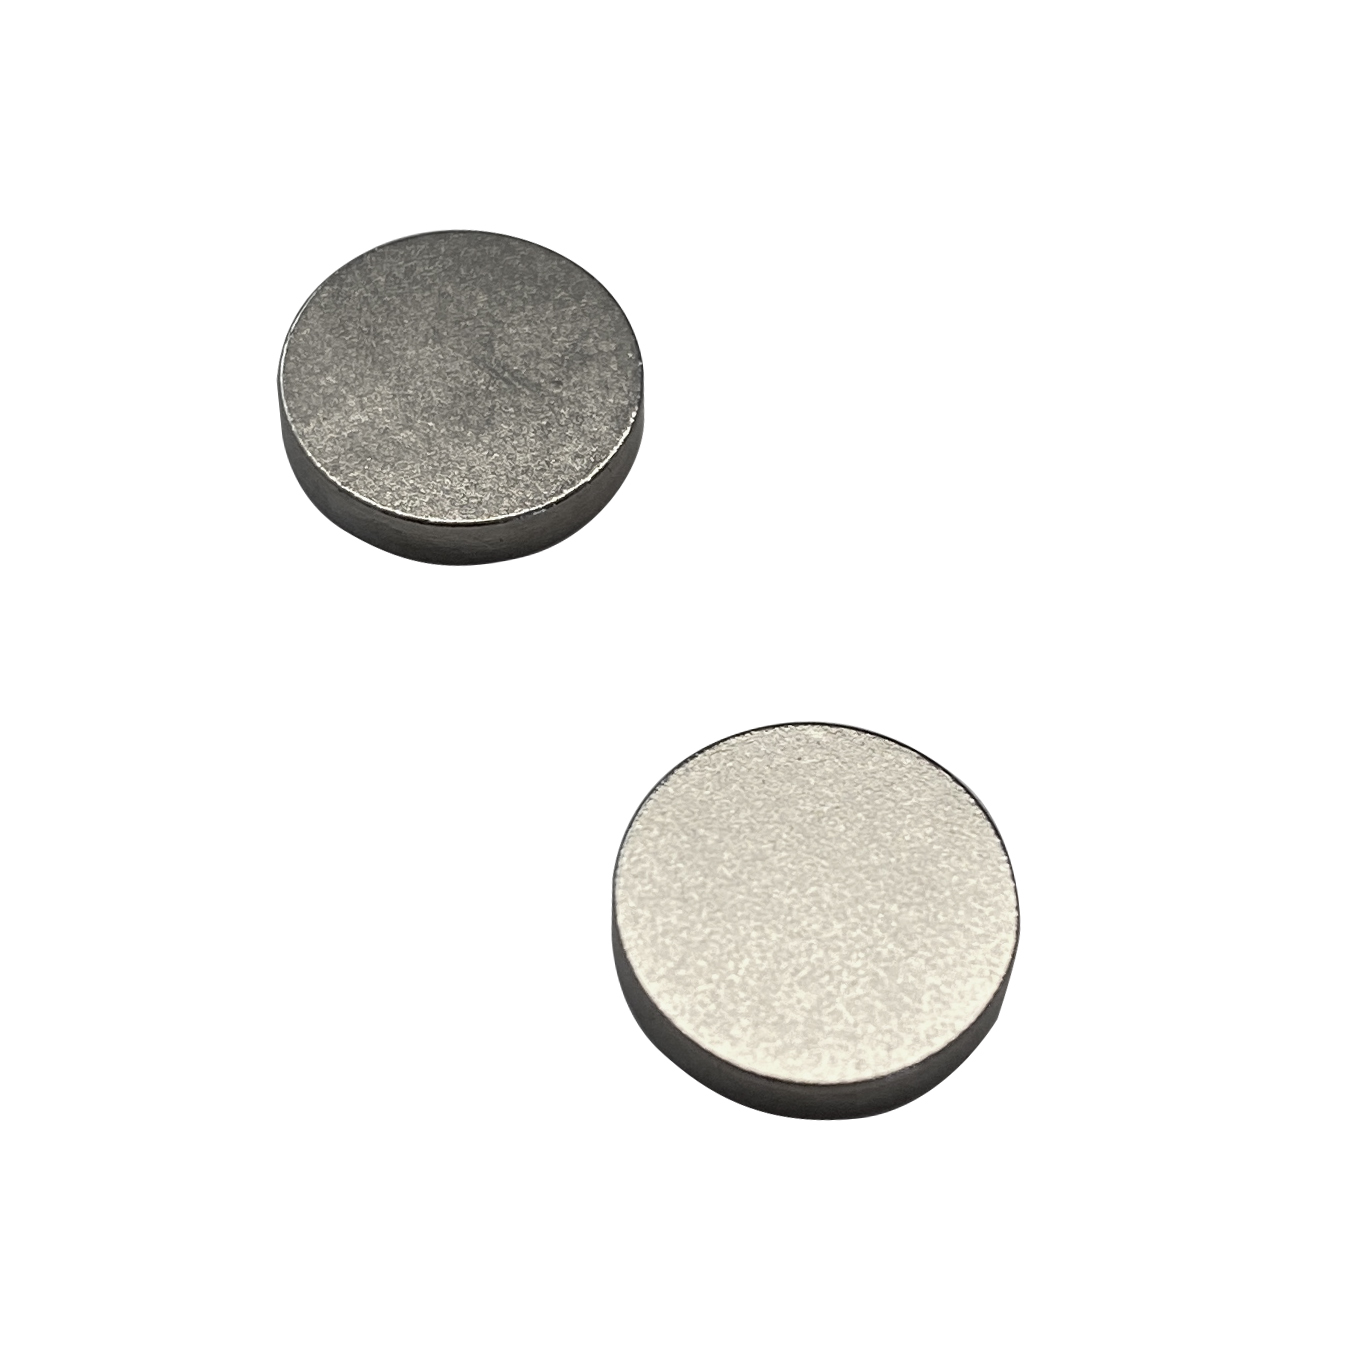 Easylinx Magnets